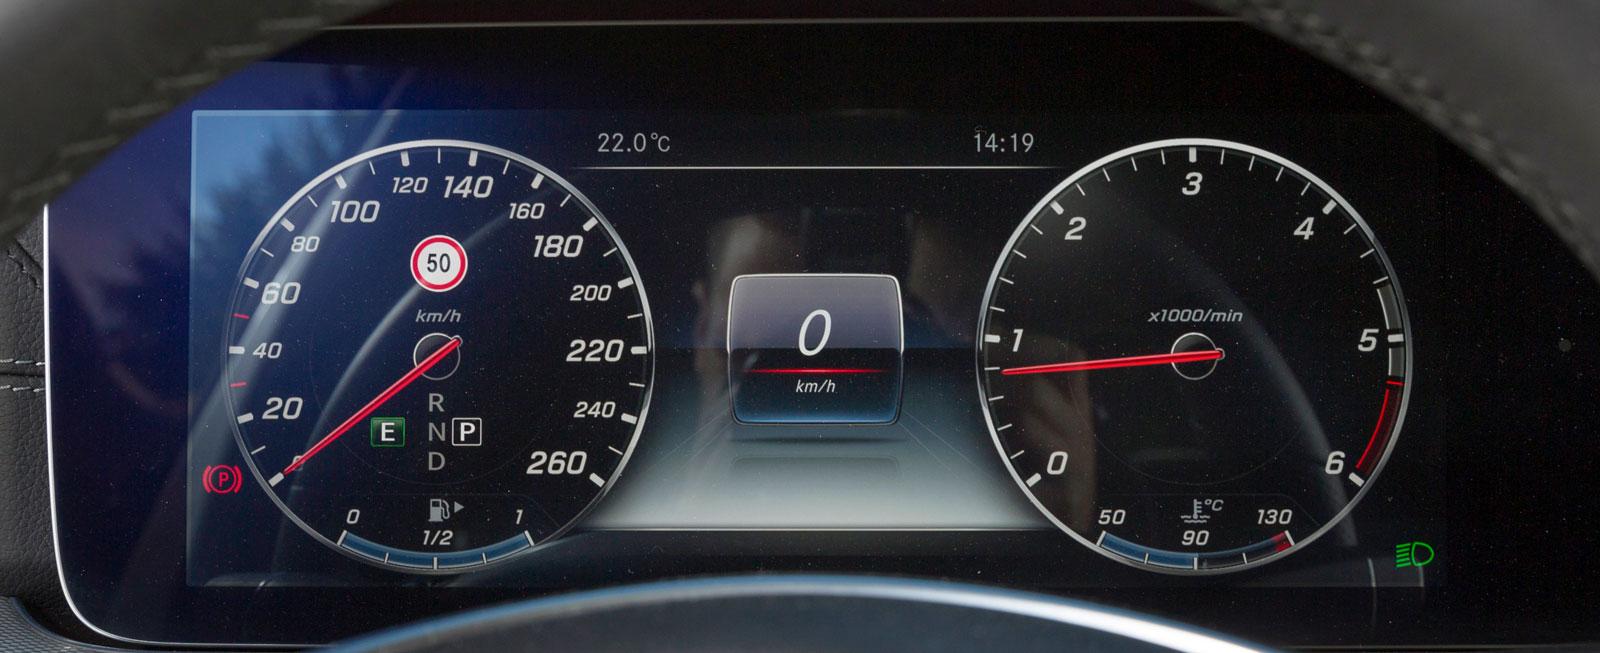 Testbilens digitala instrumentkluster (tillval) kan anpassas på en mängd olika sätt. Bilden visar ett läge med konventionell hastighetsmätare och varvräknare.